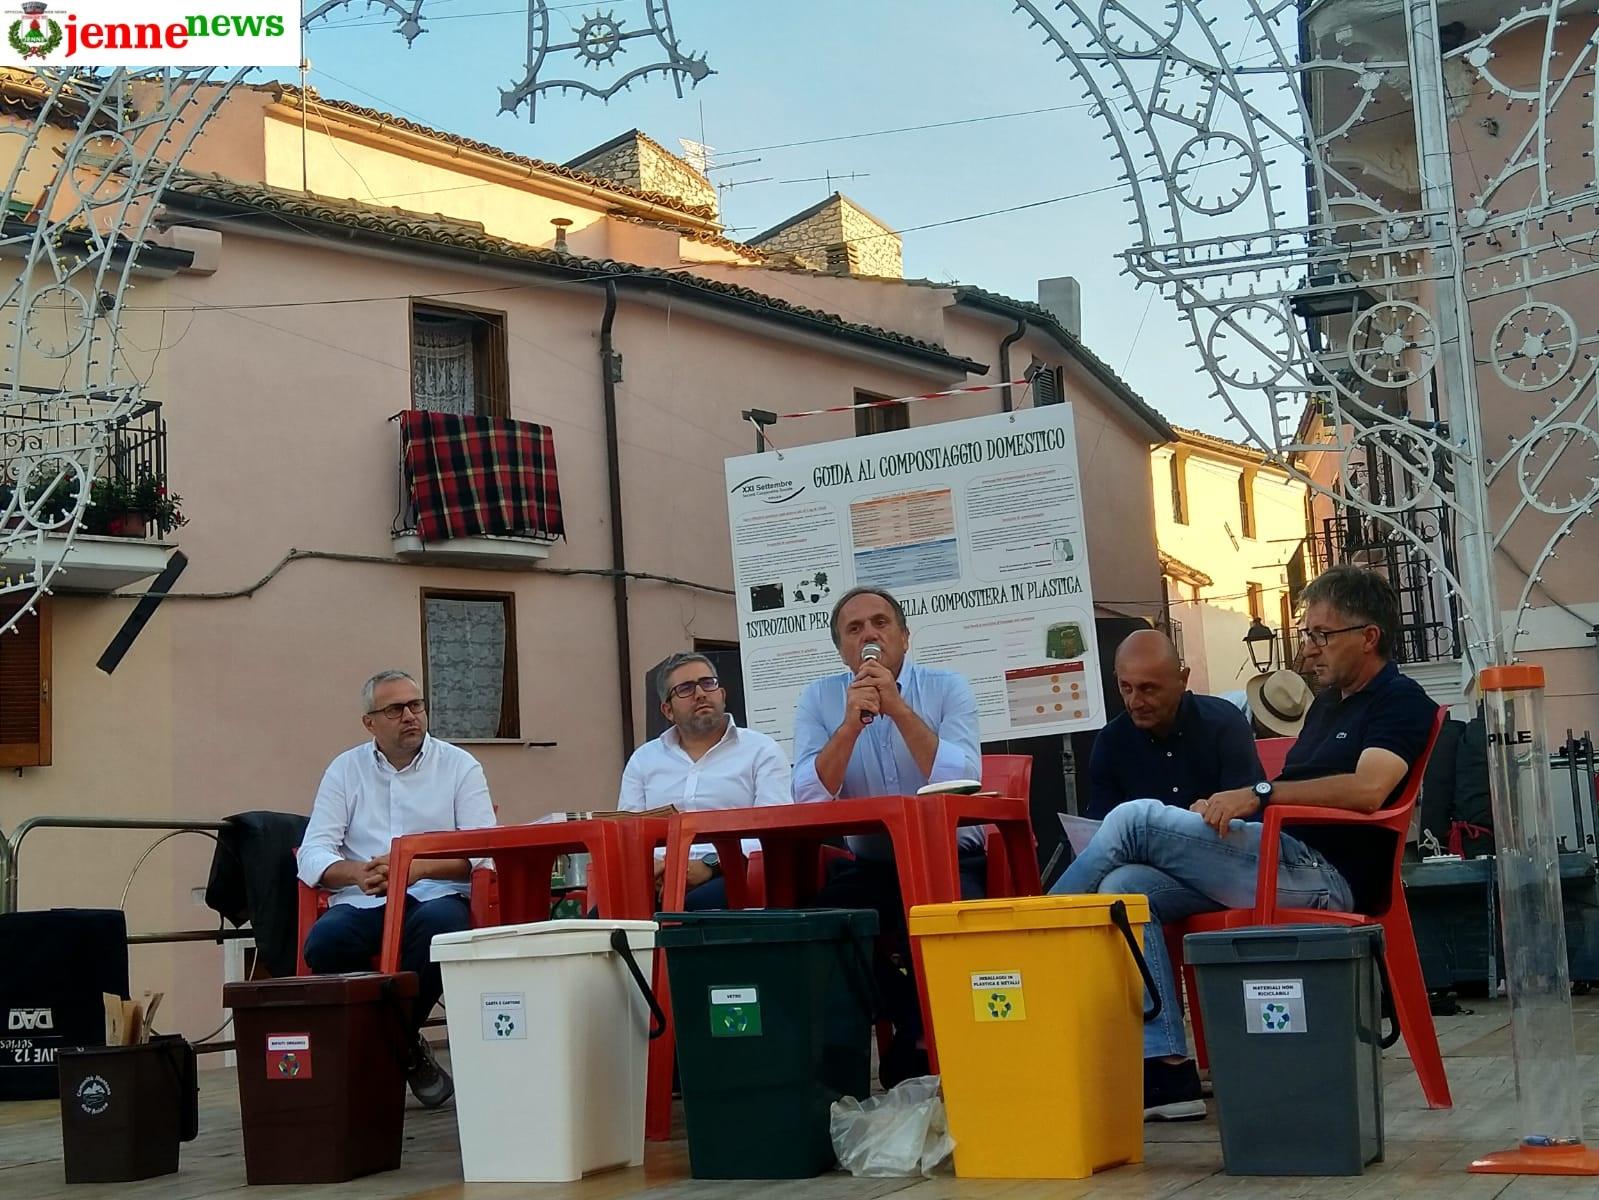 Al via a Jenne il nuovo sistema di compostaggio domestico: riduzione dei costi, innovazione e rispetto dell'ambiente